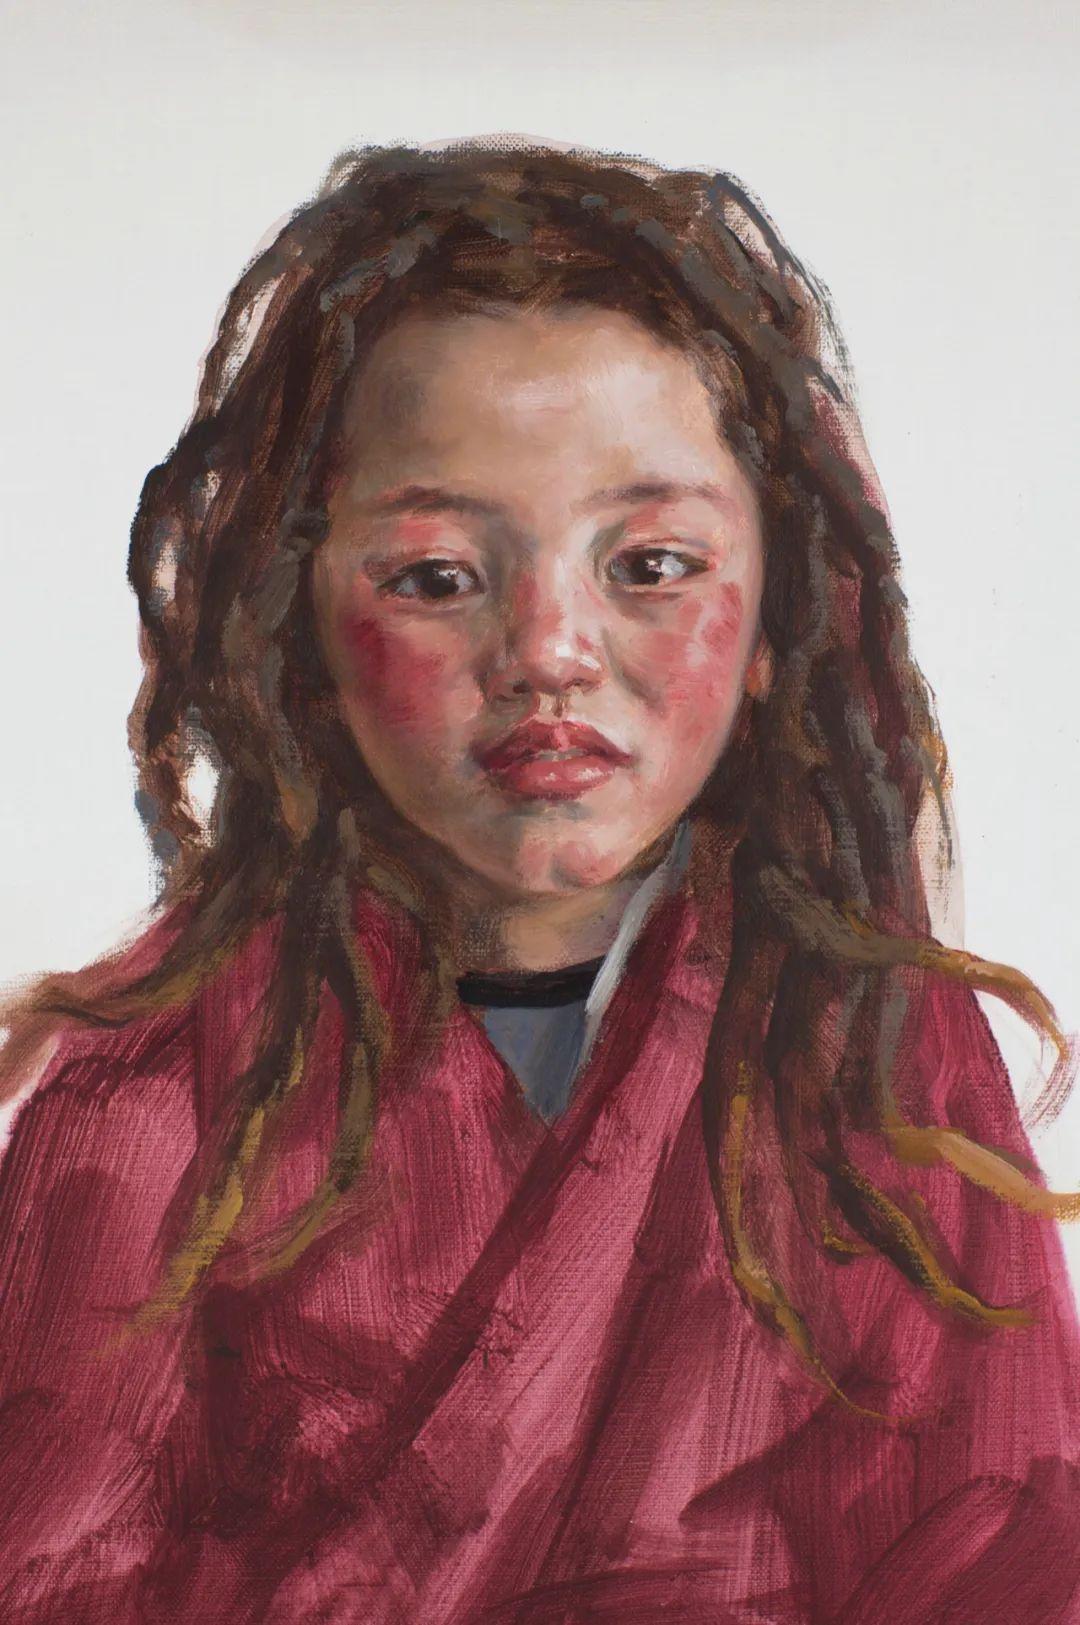 油画大师于小冬2021跨年油画写生,真耐看!插图37